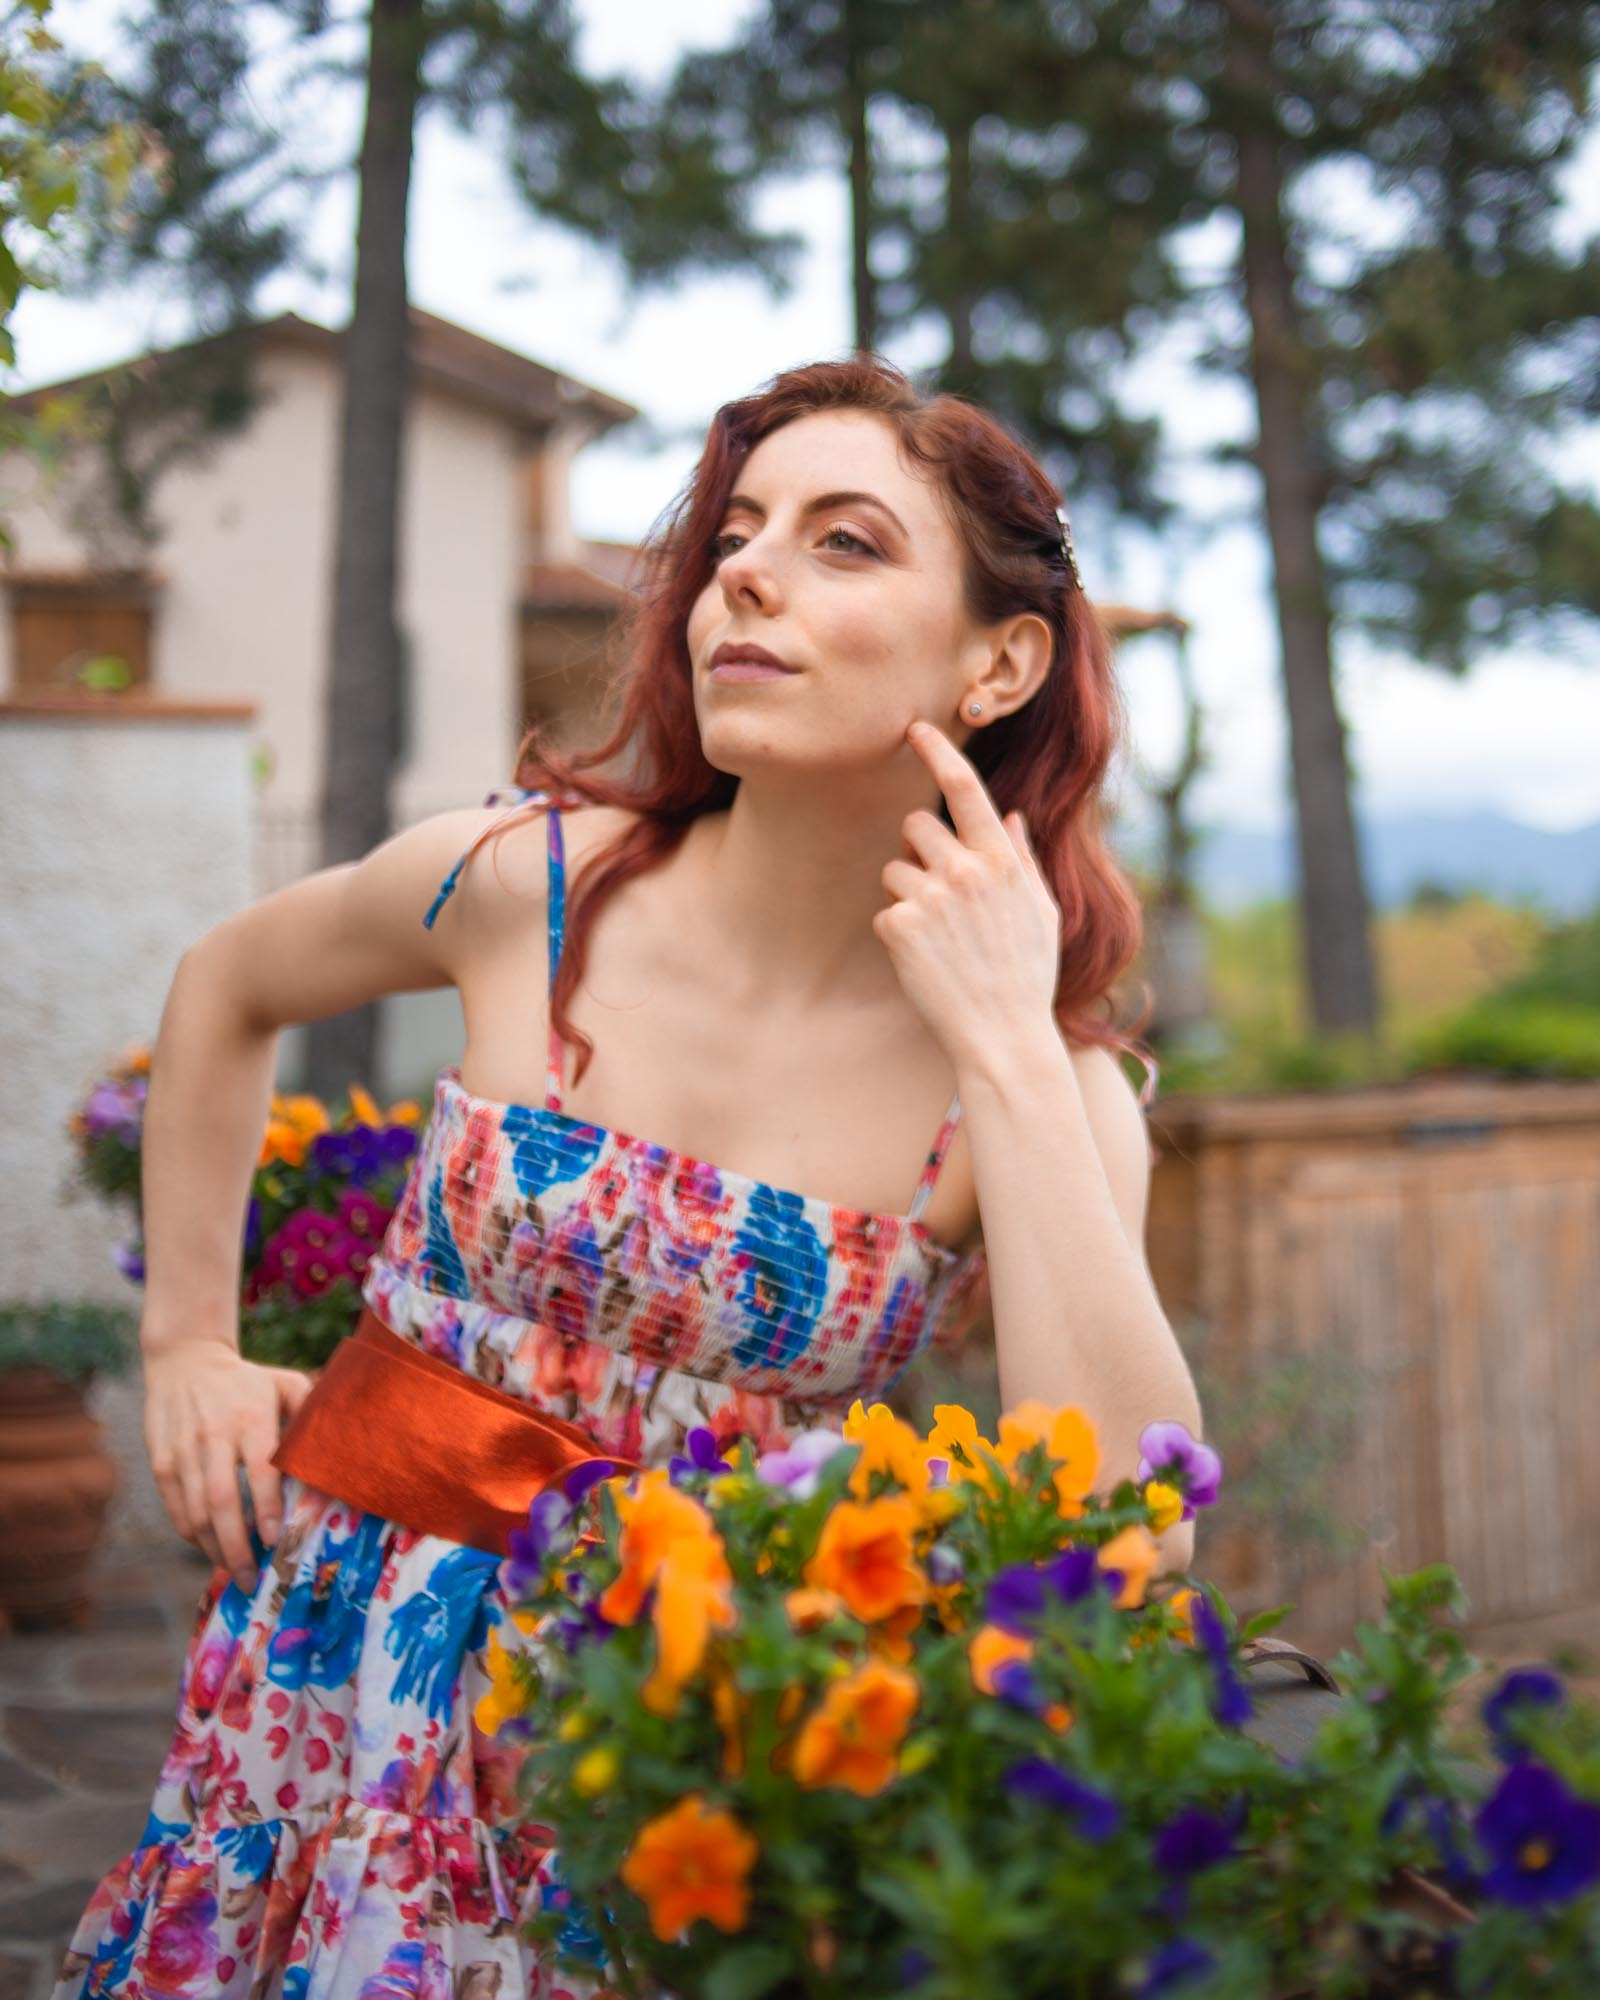 ragazza coi capelli rossi con indosso un vestito estivo floreale